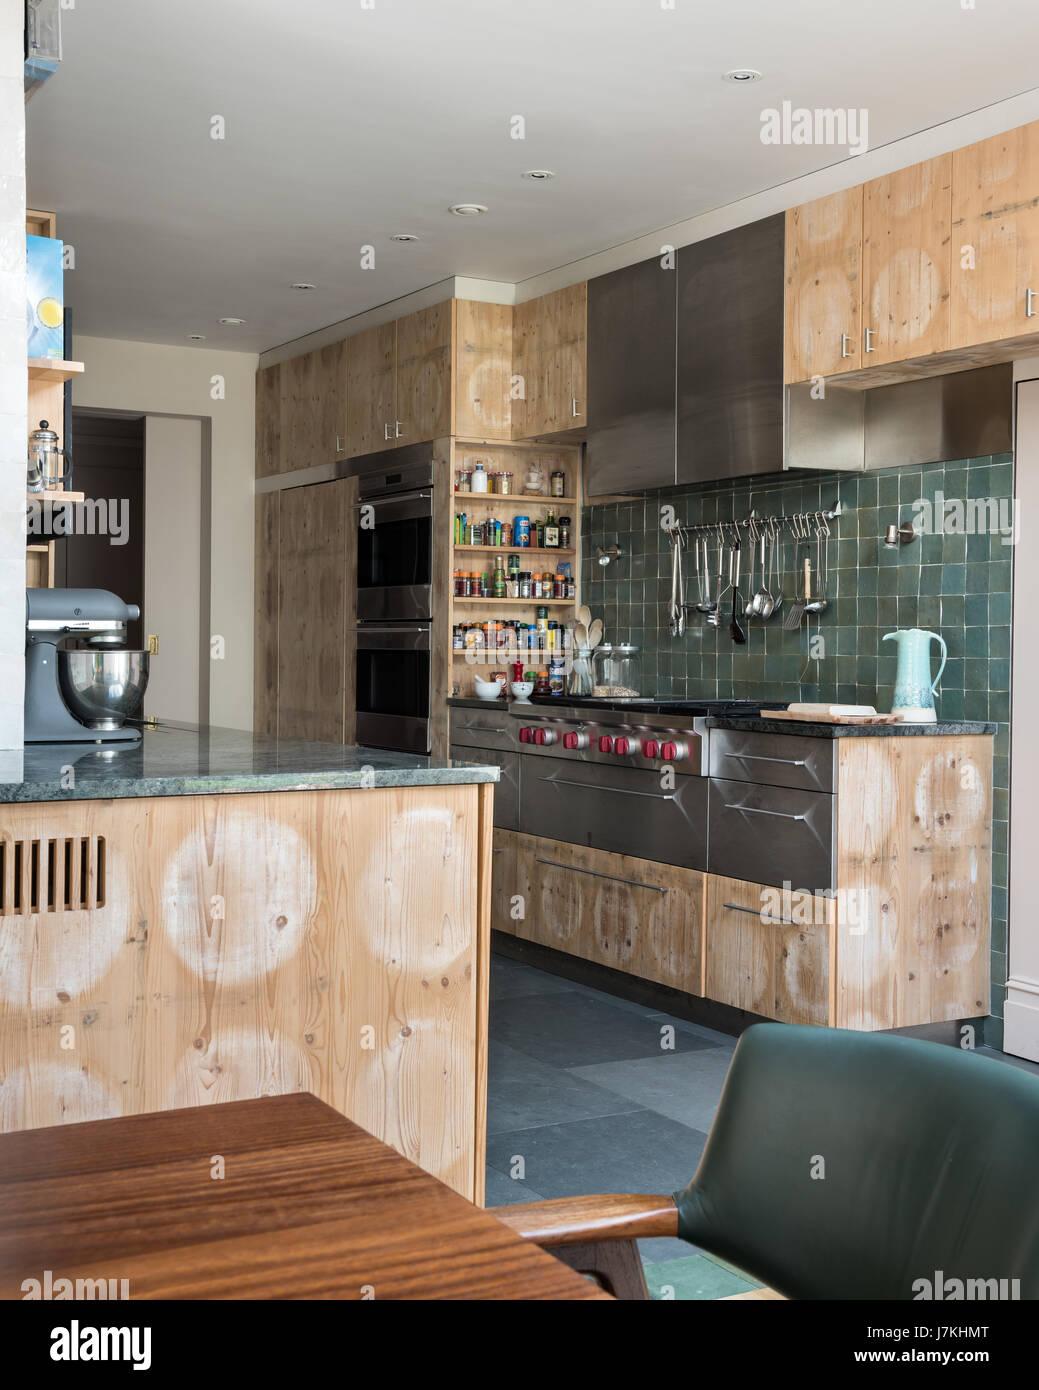 Recuperati formaggi di pino armadi in cucina con parete verde ...